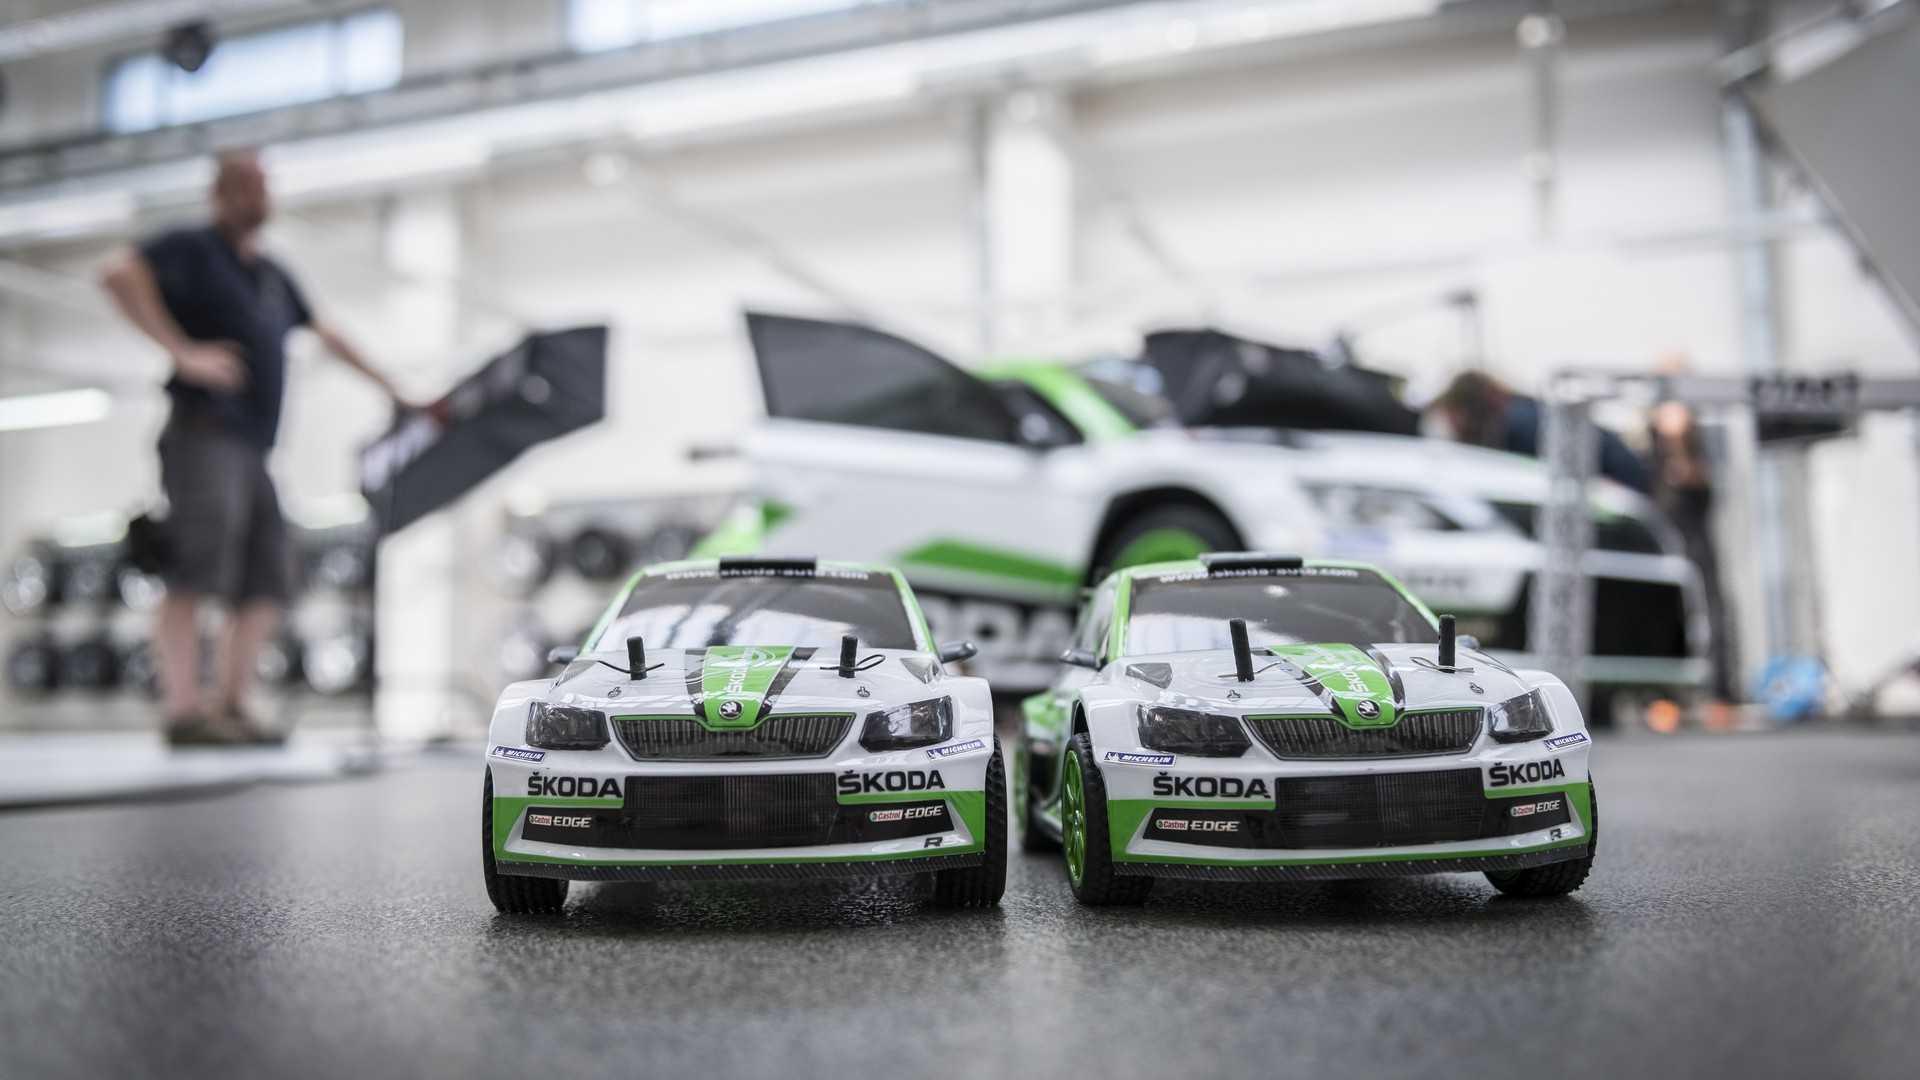 skoda-fabia-r5-rc-cars (4)